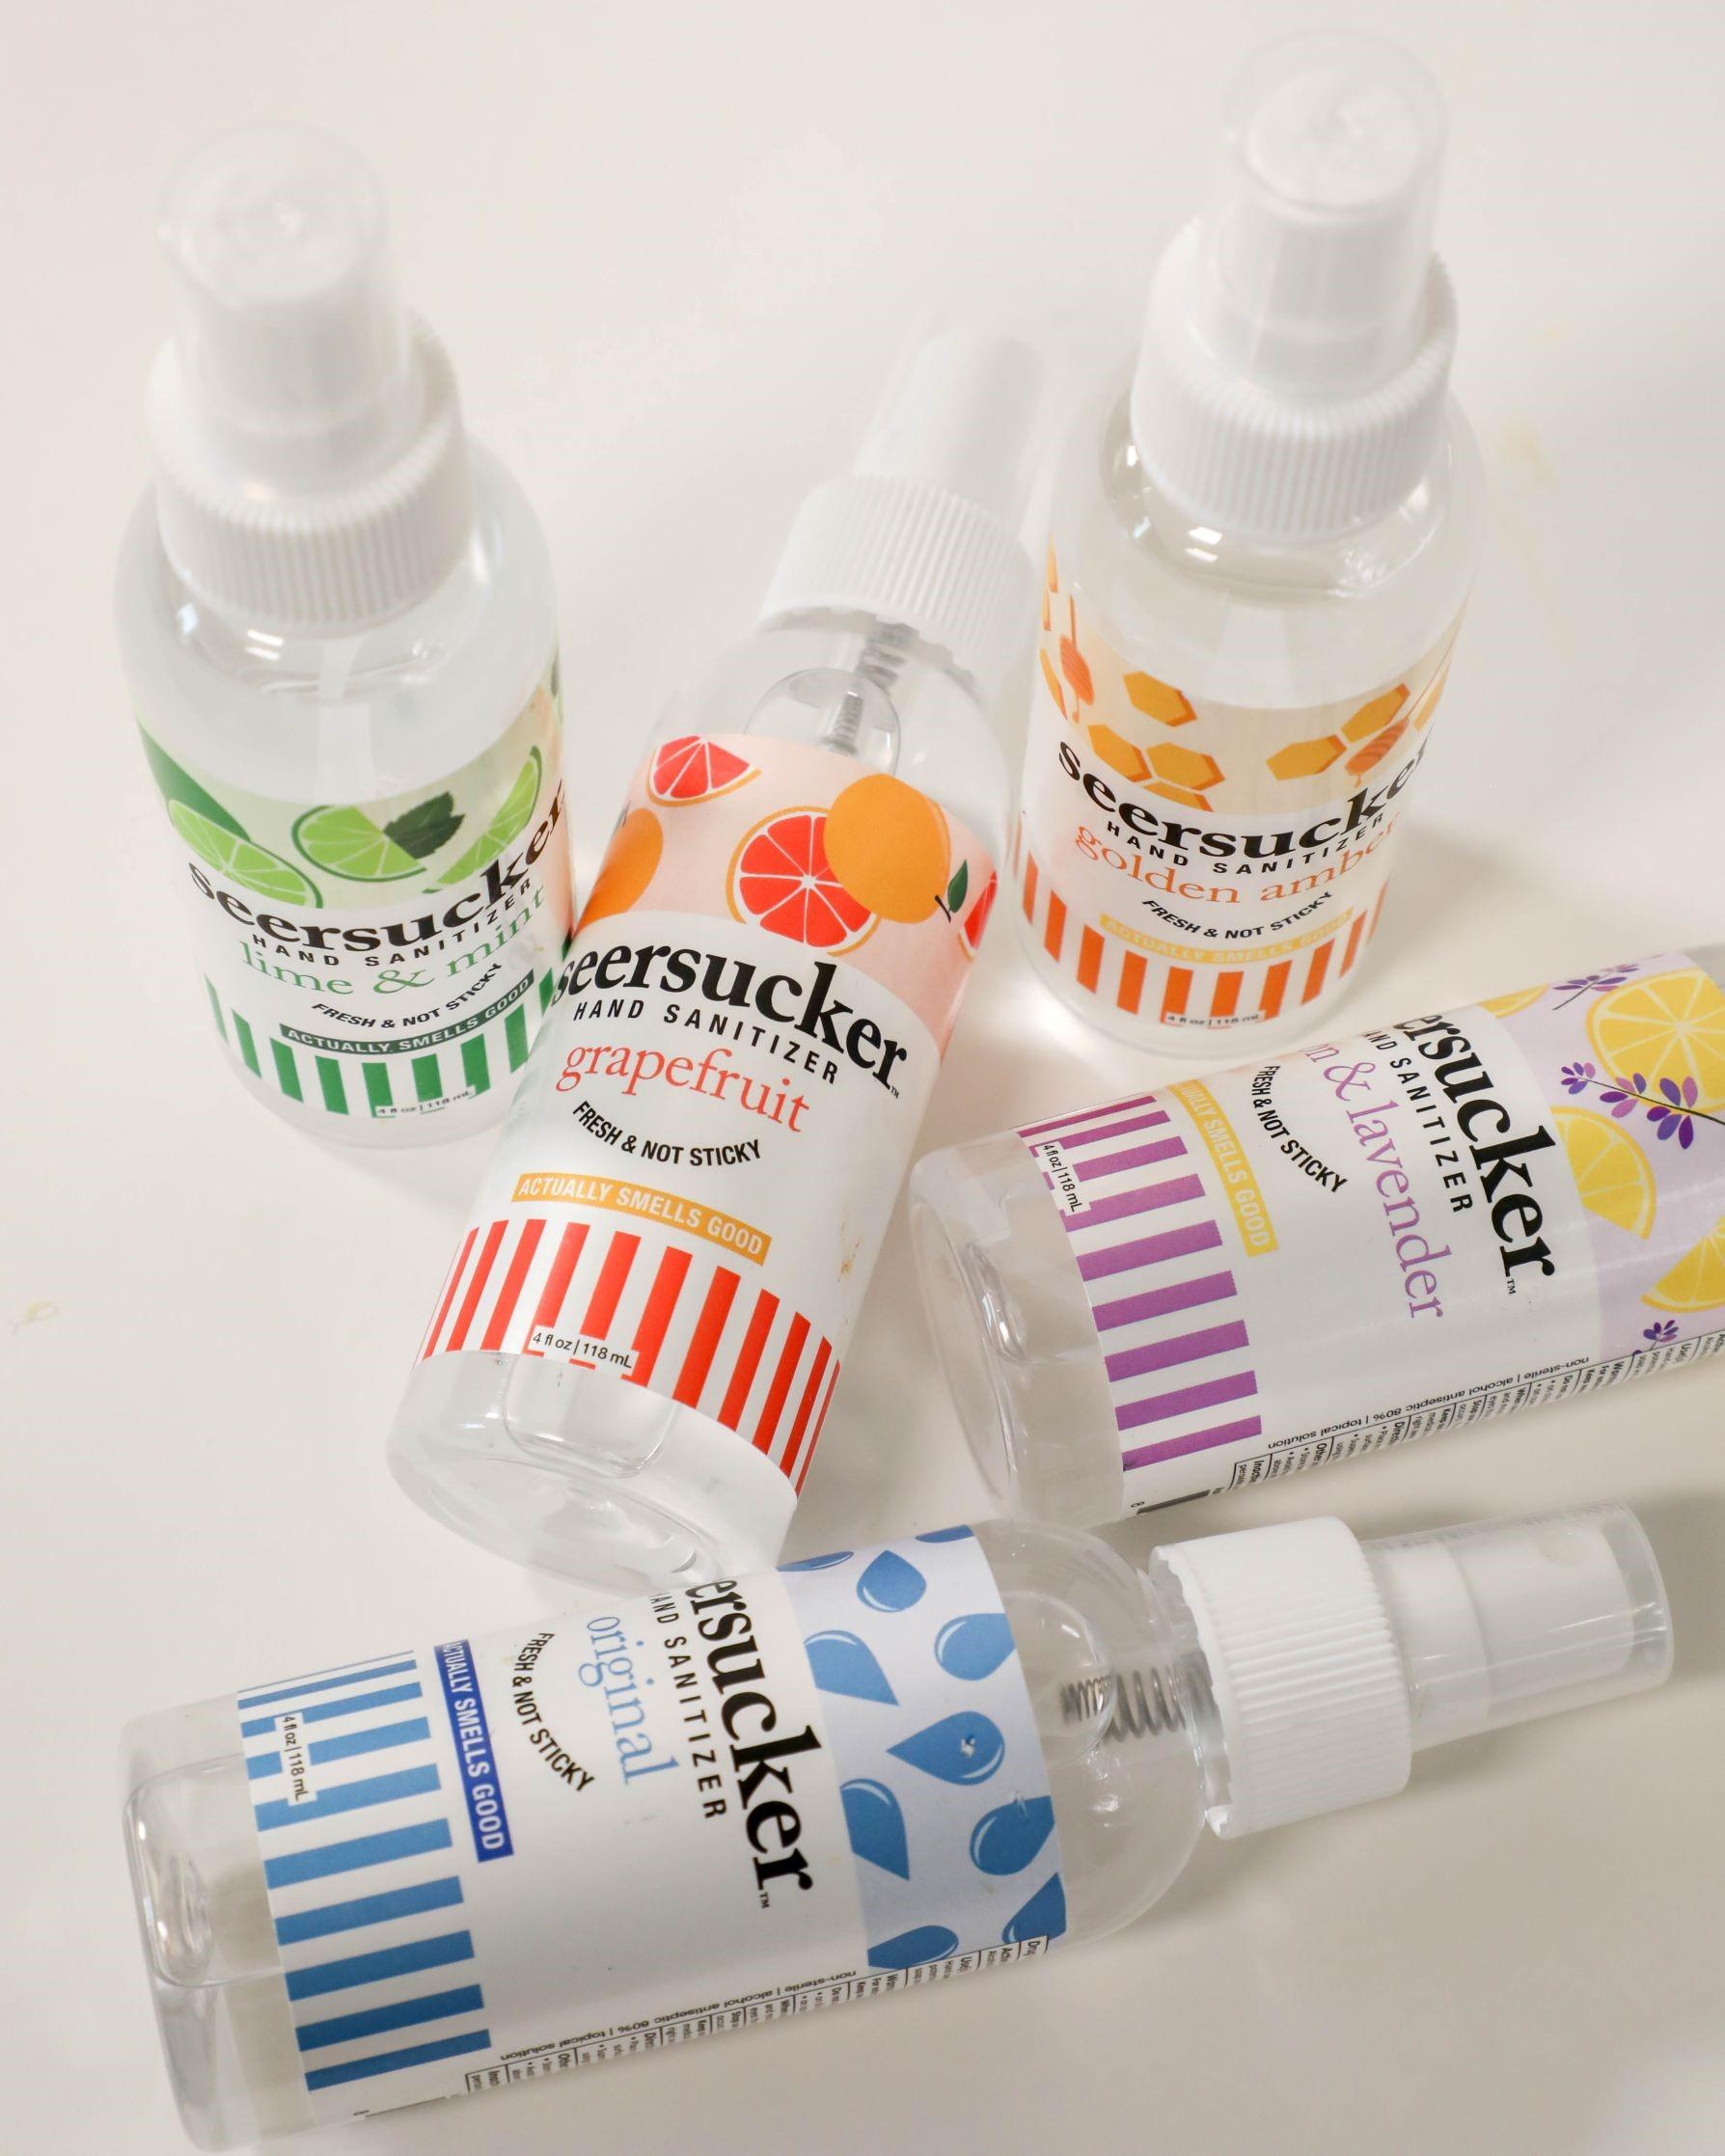 Seersucker azar family brands hand sanitizer gift idea san antonio